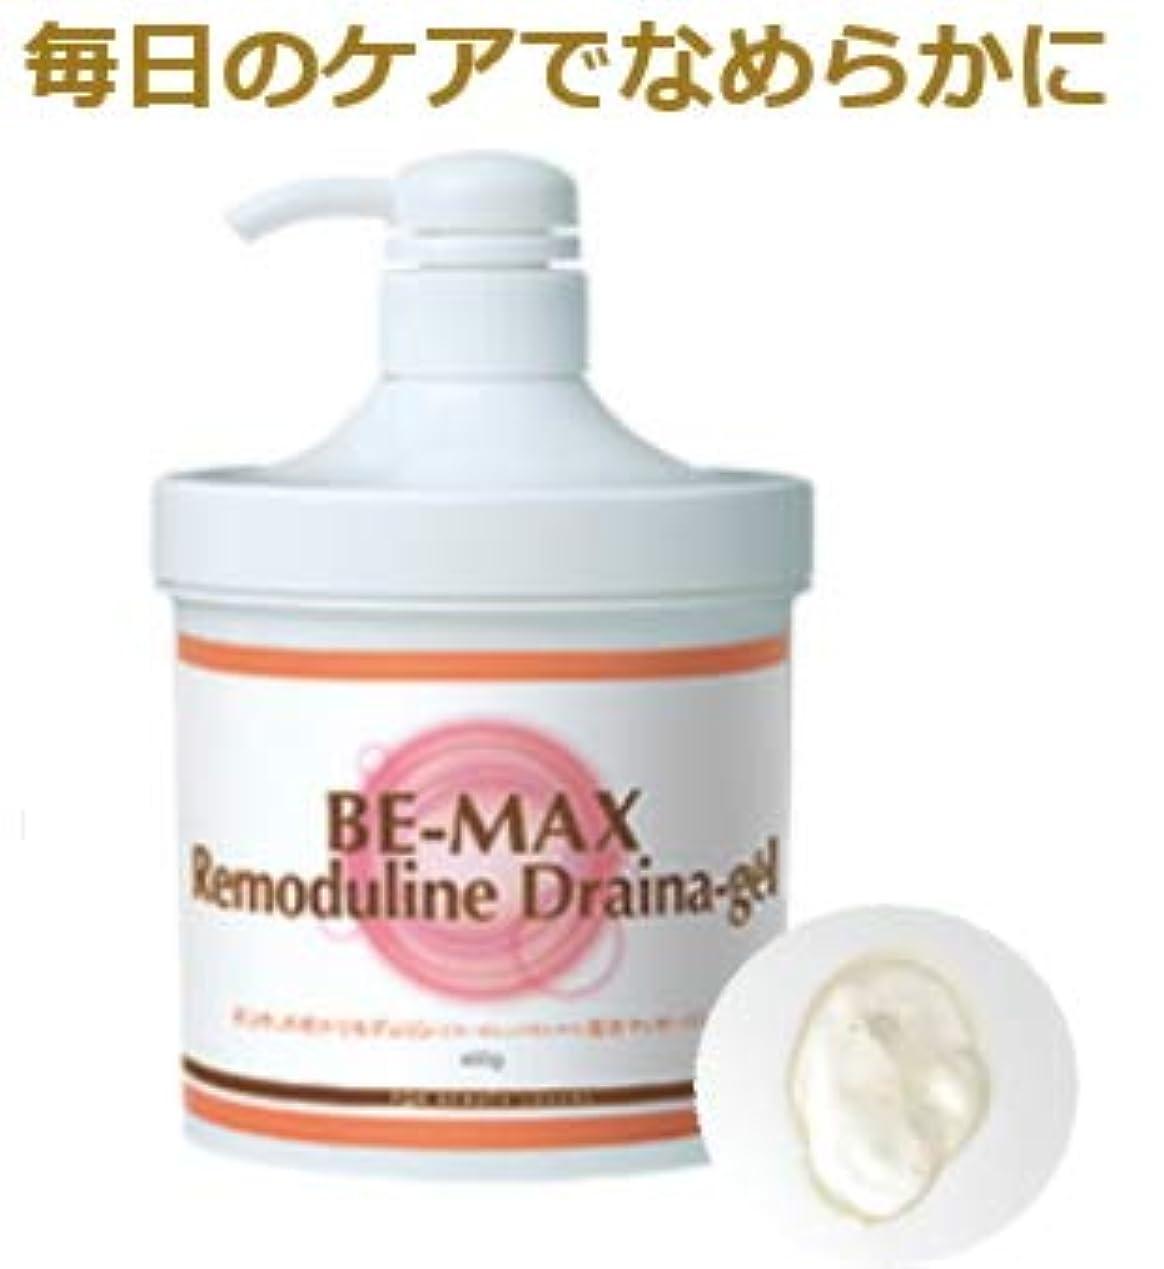 十年講師行商【正規販売店】BE-MAX Remoduline Draina-gel(リモデュリン ドレナージェル)600g